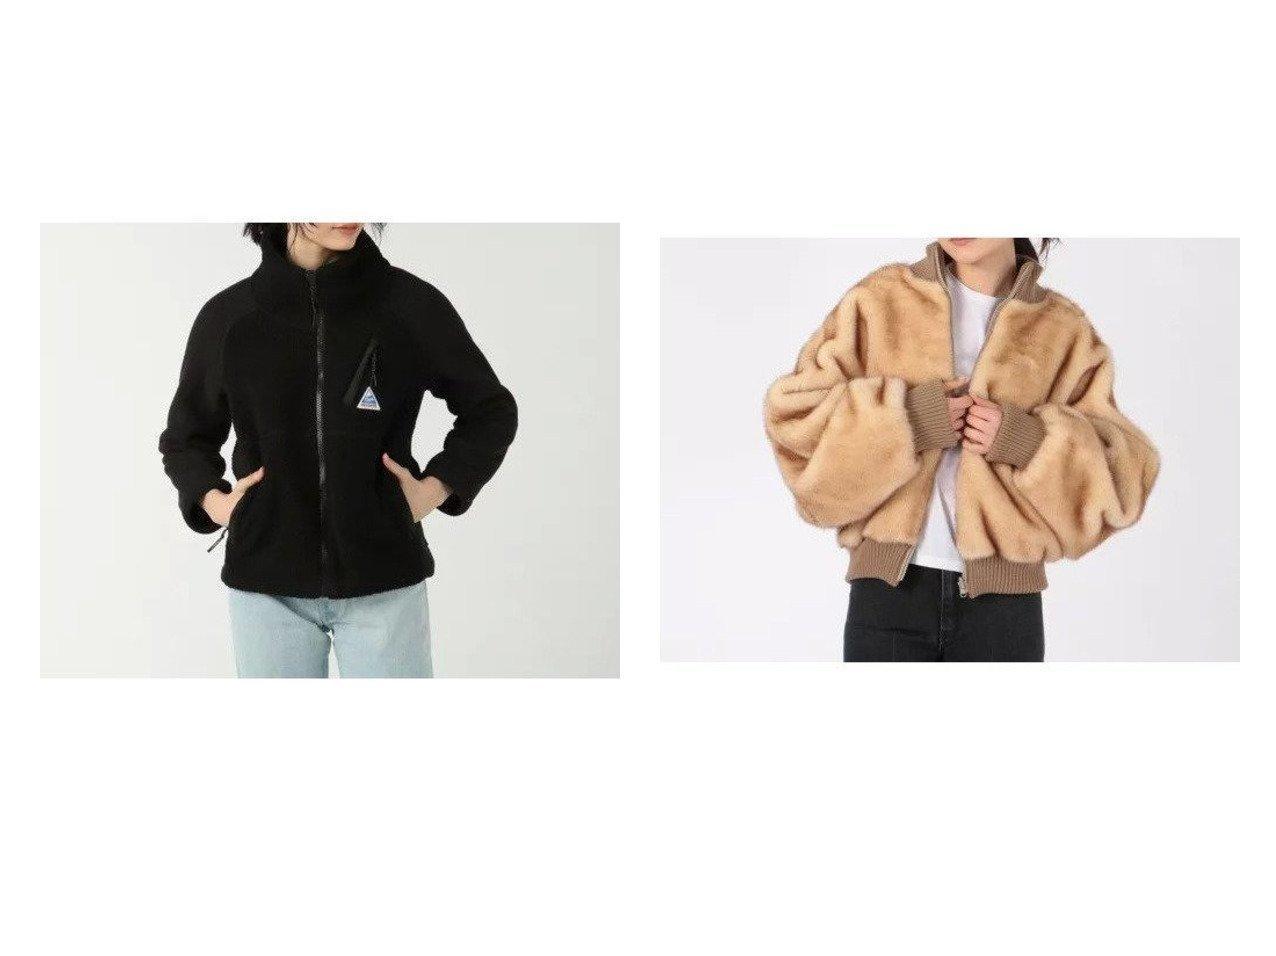 【Cape HEIGHTS/ケープハイツ】のWOMENS BREAKHEART FLEECE Jacket&【SMUK/スモック】のリバーシブルファーブルゾン 【アウター】おすすめ!人気、トレンド・レディースファッションの通販 おすすめで人気の流行・トレンド、ファッションの通販商品 インテリア・家具・メンズファッション・キッズファッション・レディースファッション・服の通販 founy(ファニー) https://founy.com/ ファッション Fashion レディースファッション WOMEN アウター Coat Outerwear ジャケット Jackets ブルゾン Blouson/Jackets アウトドア ジャケット デニム 人気 定番 Standard フェイクファー ブルゾン リアル |ID:crp329100000056387